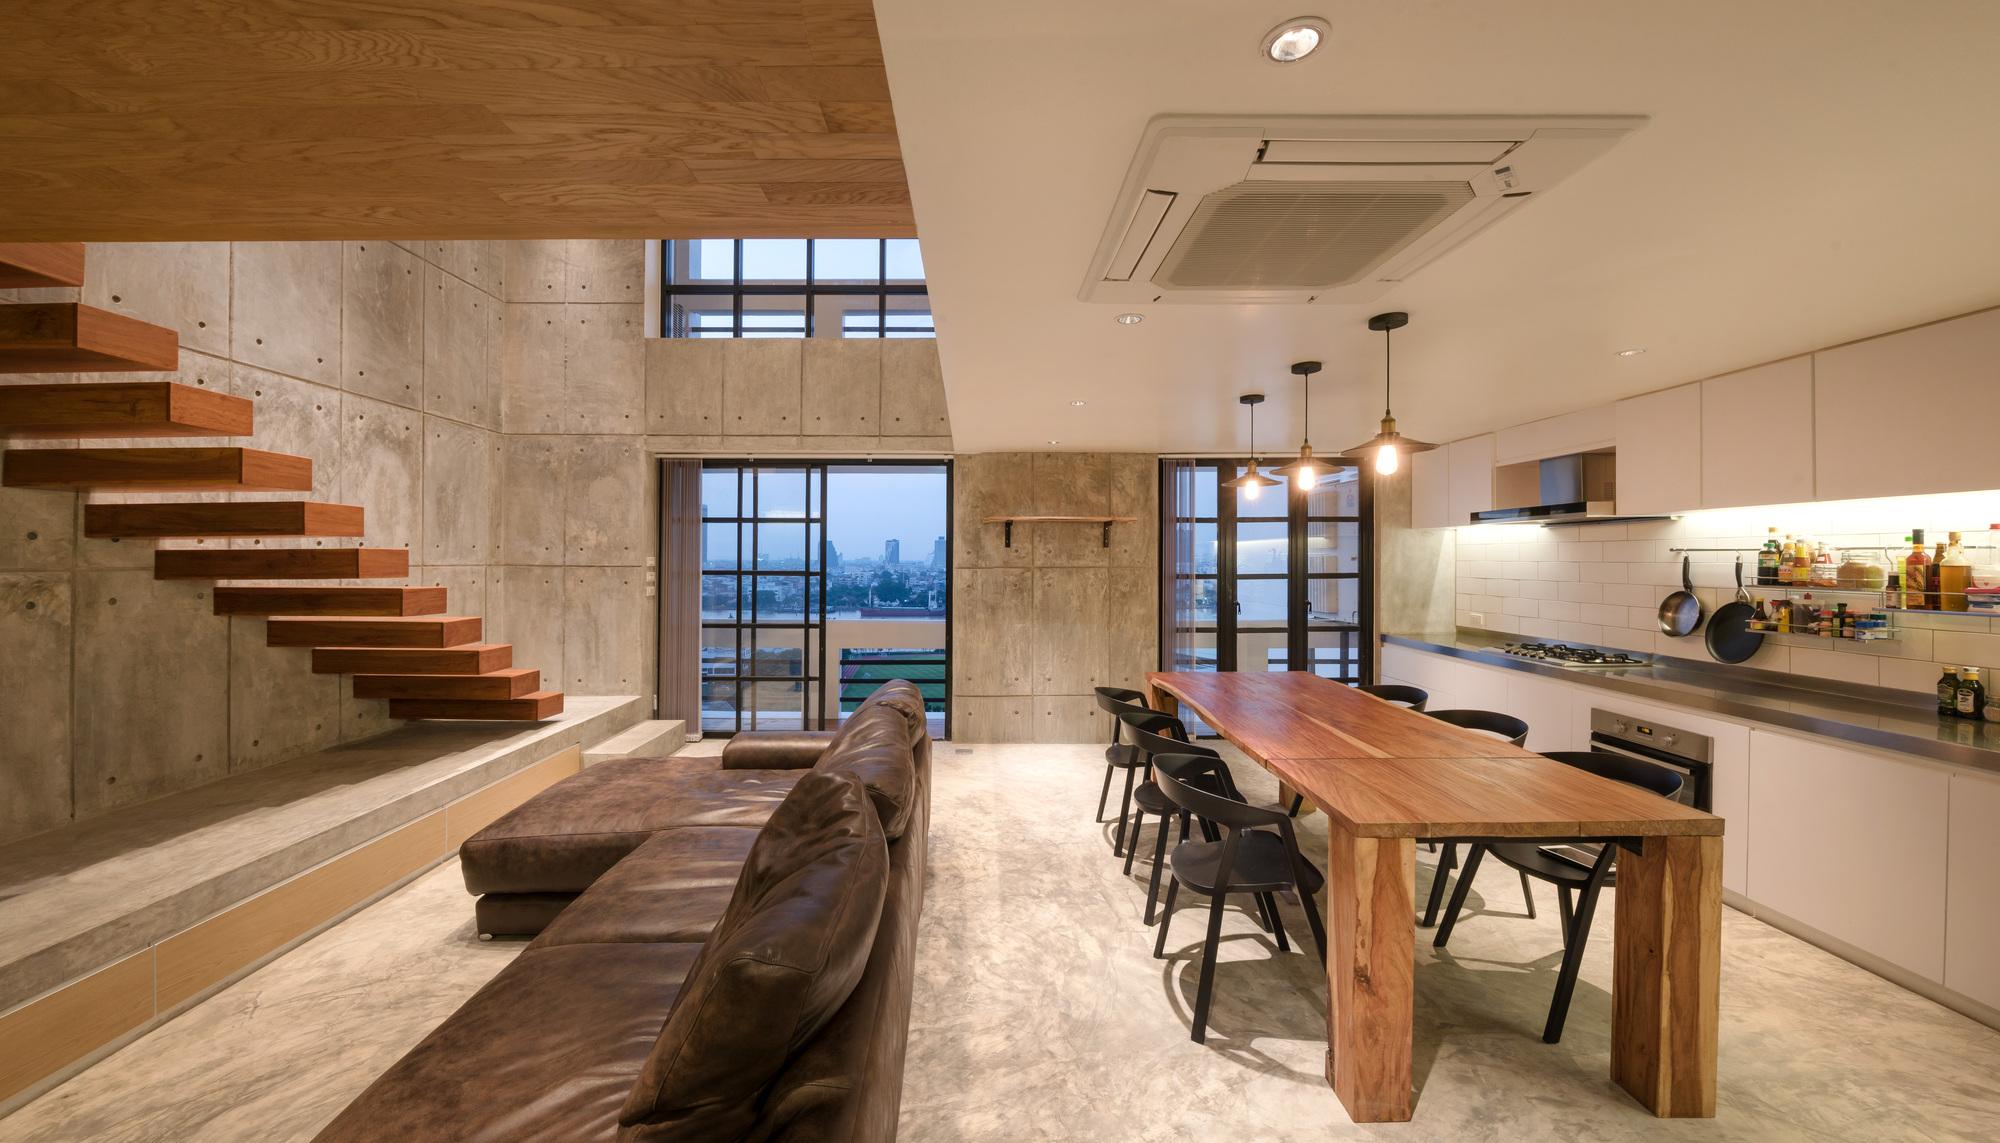 Galeria de reforma do apartamento fattstudio 13 for Double storey apartment plans